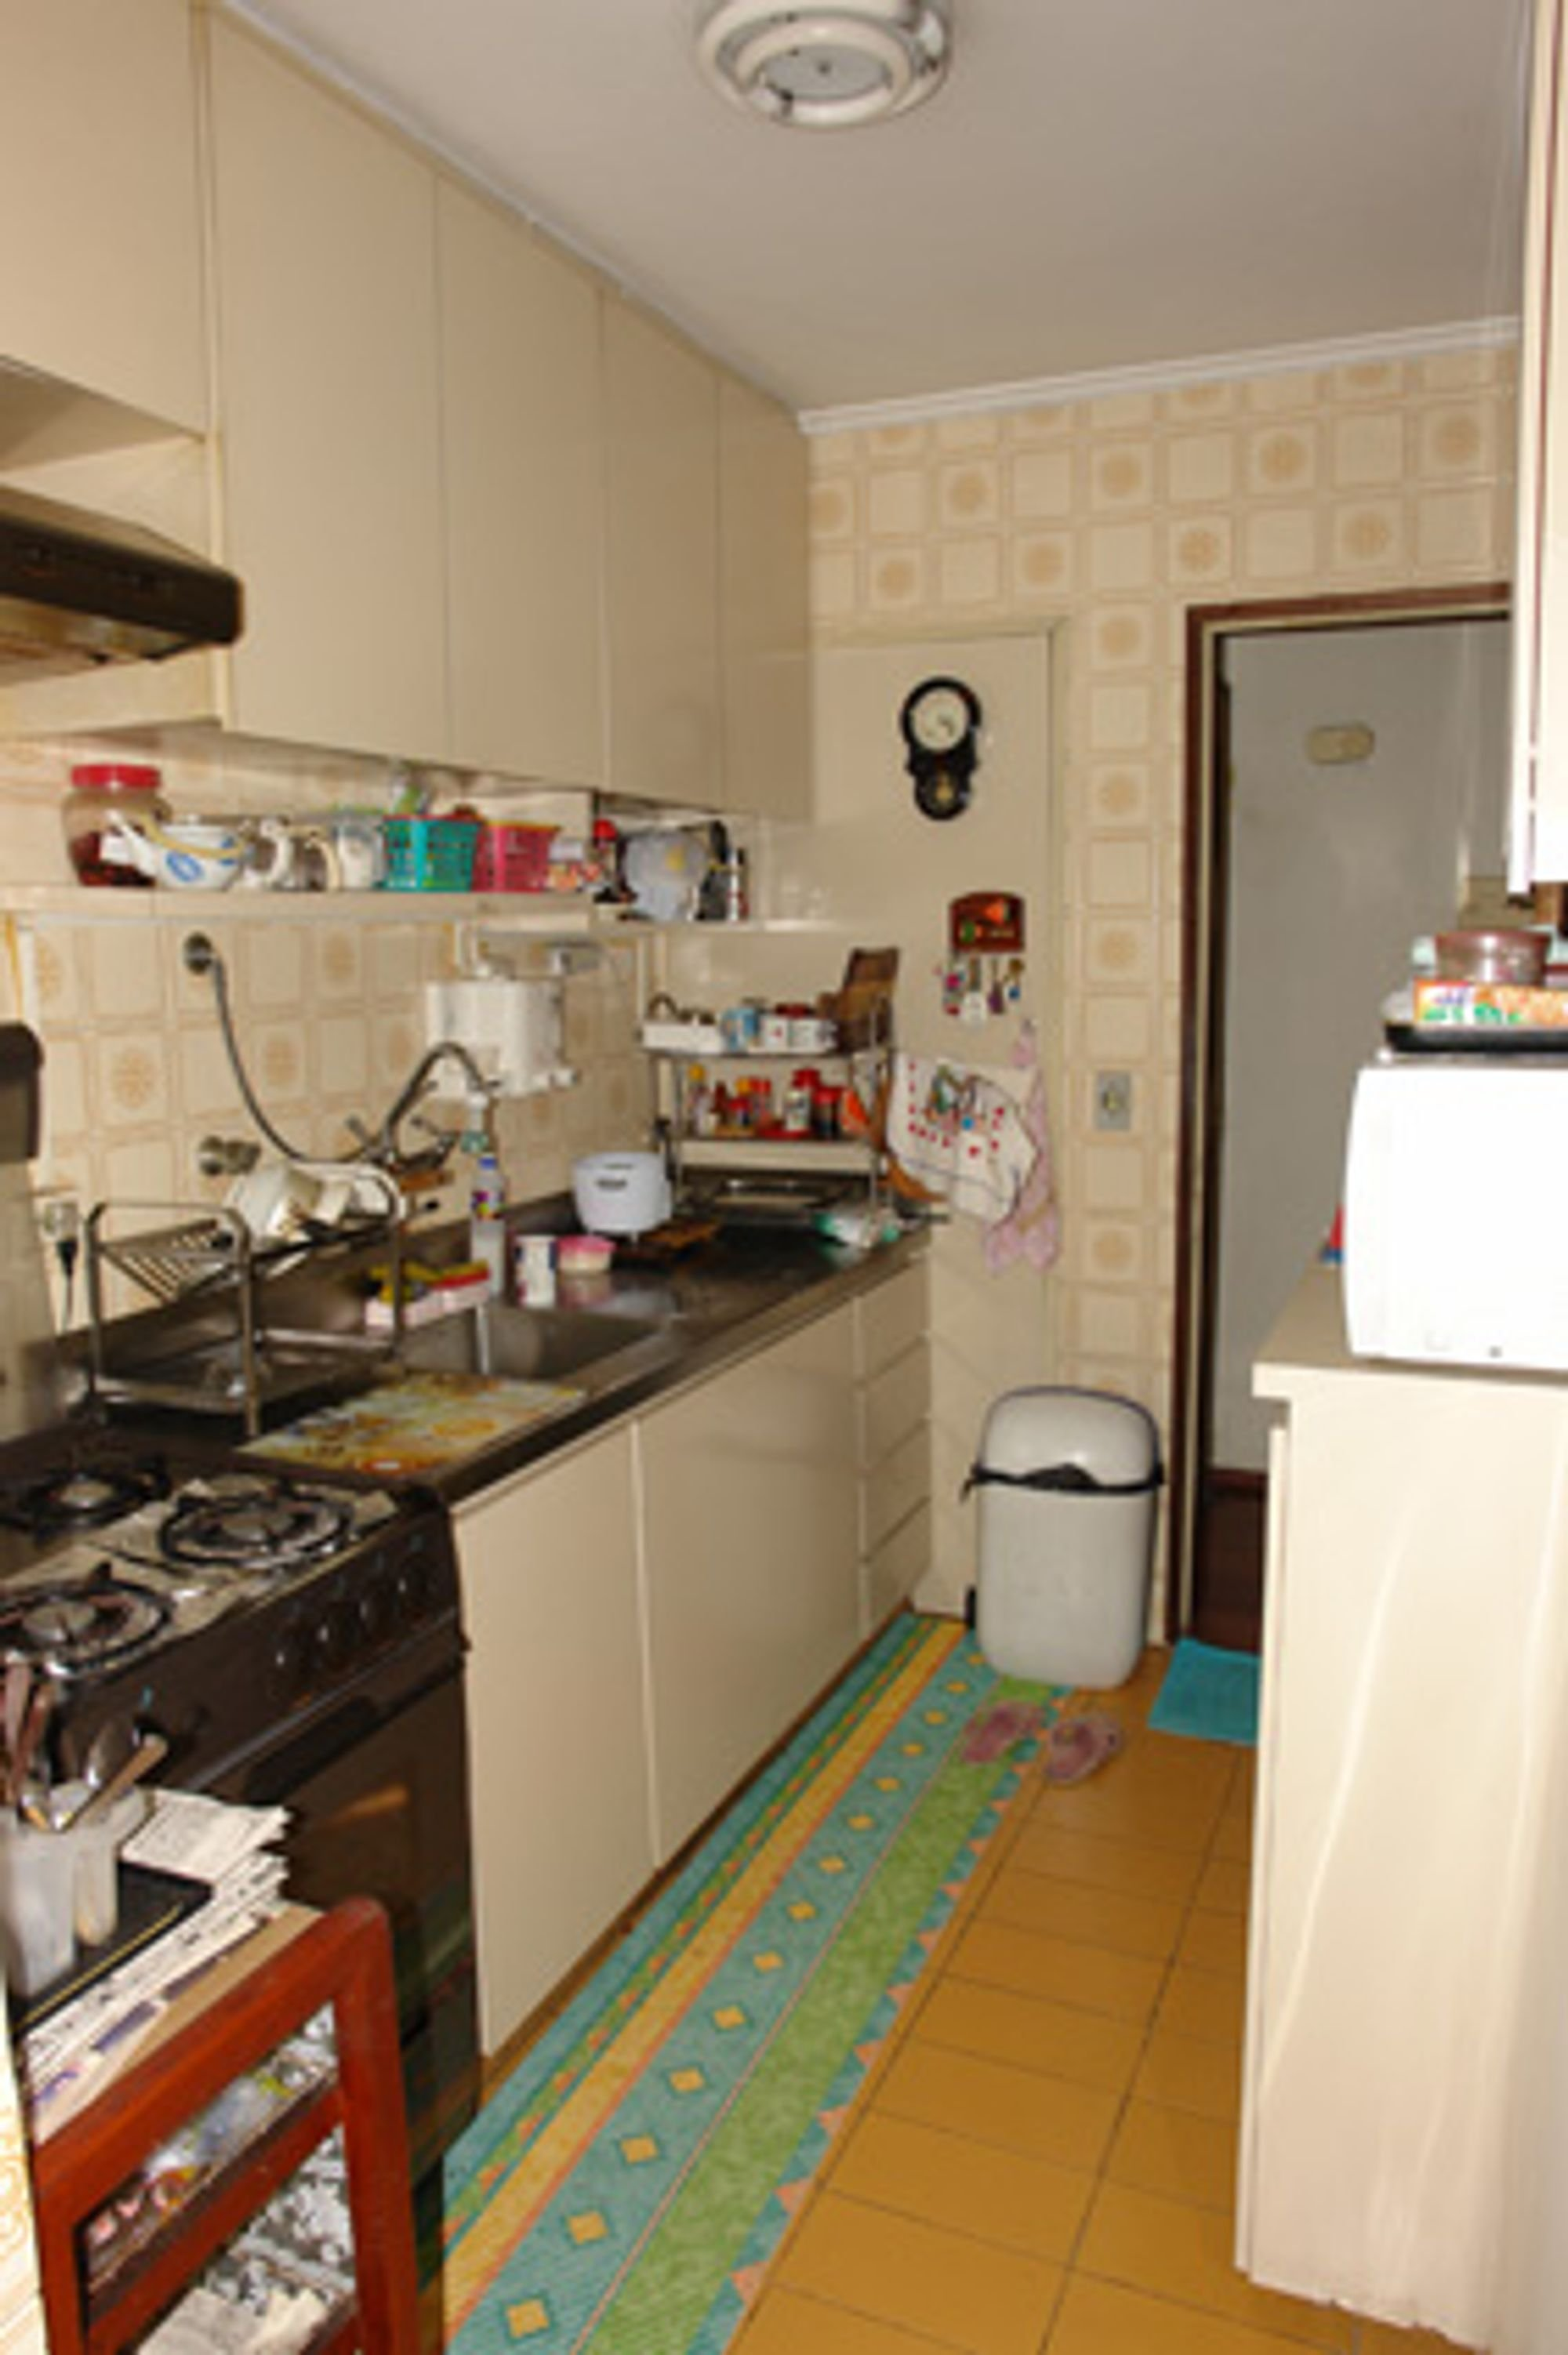 Foto de Cozinha com relógio, forno, tigela, xícara